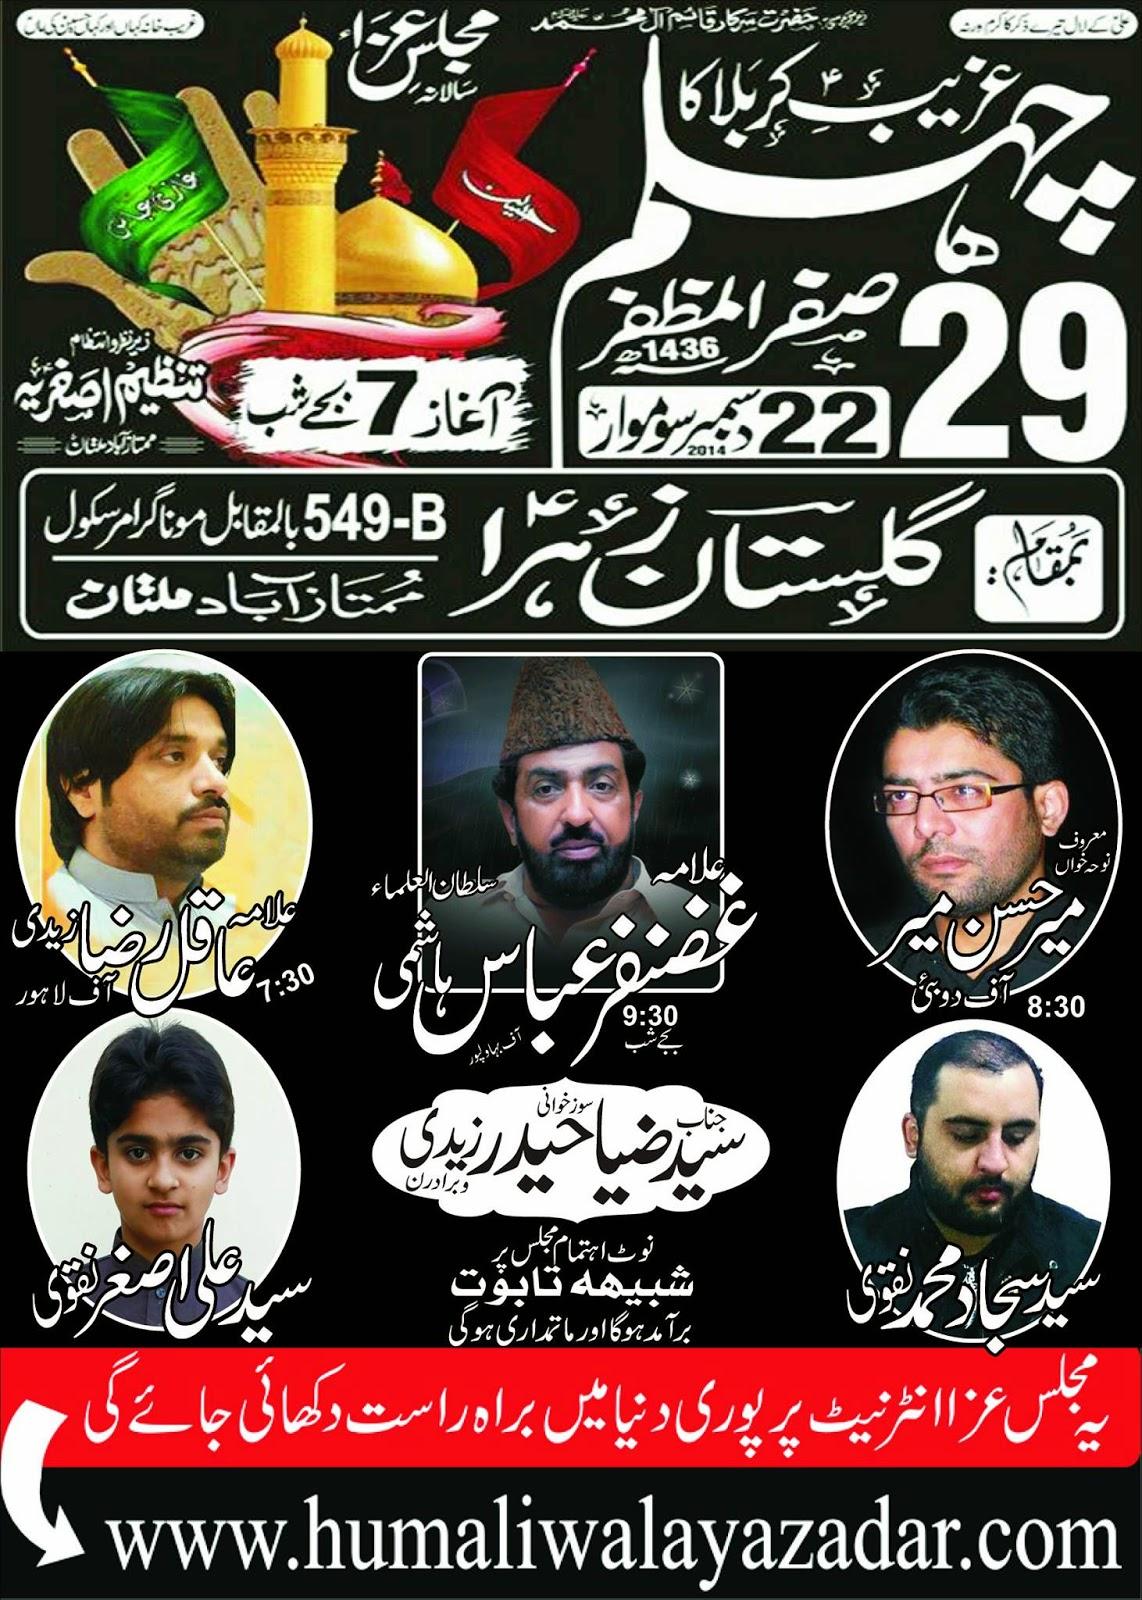 http://livemajlis.blogspot.com/2014/12/live-majlis-e-aza-at-imam-bargah.html